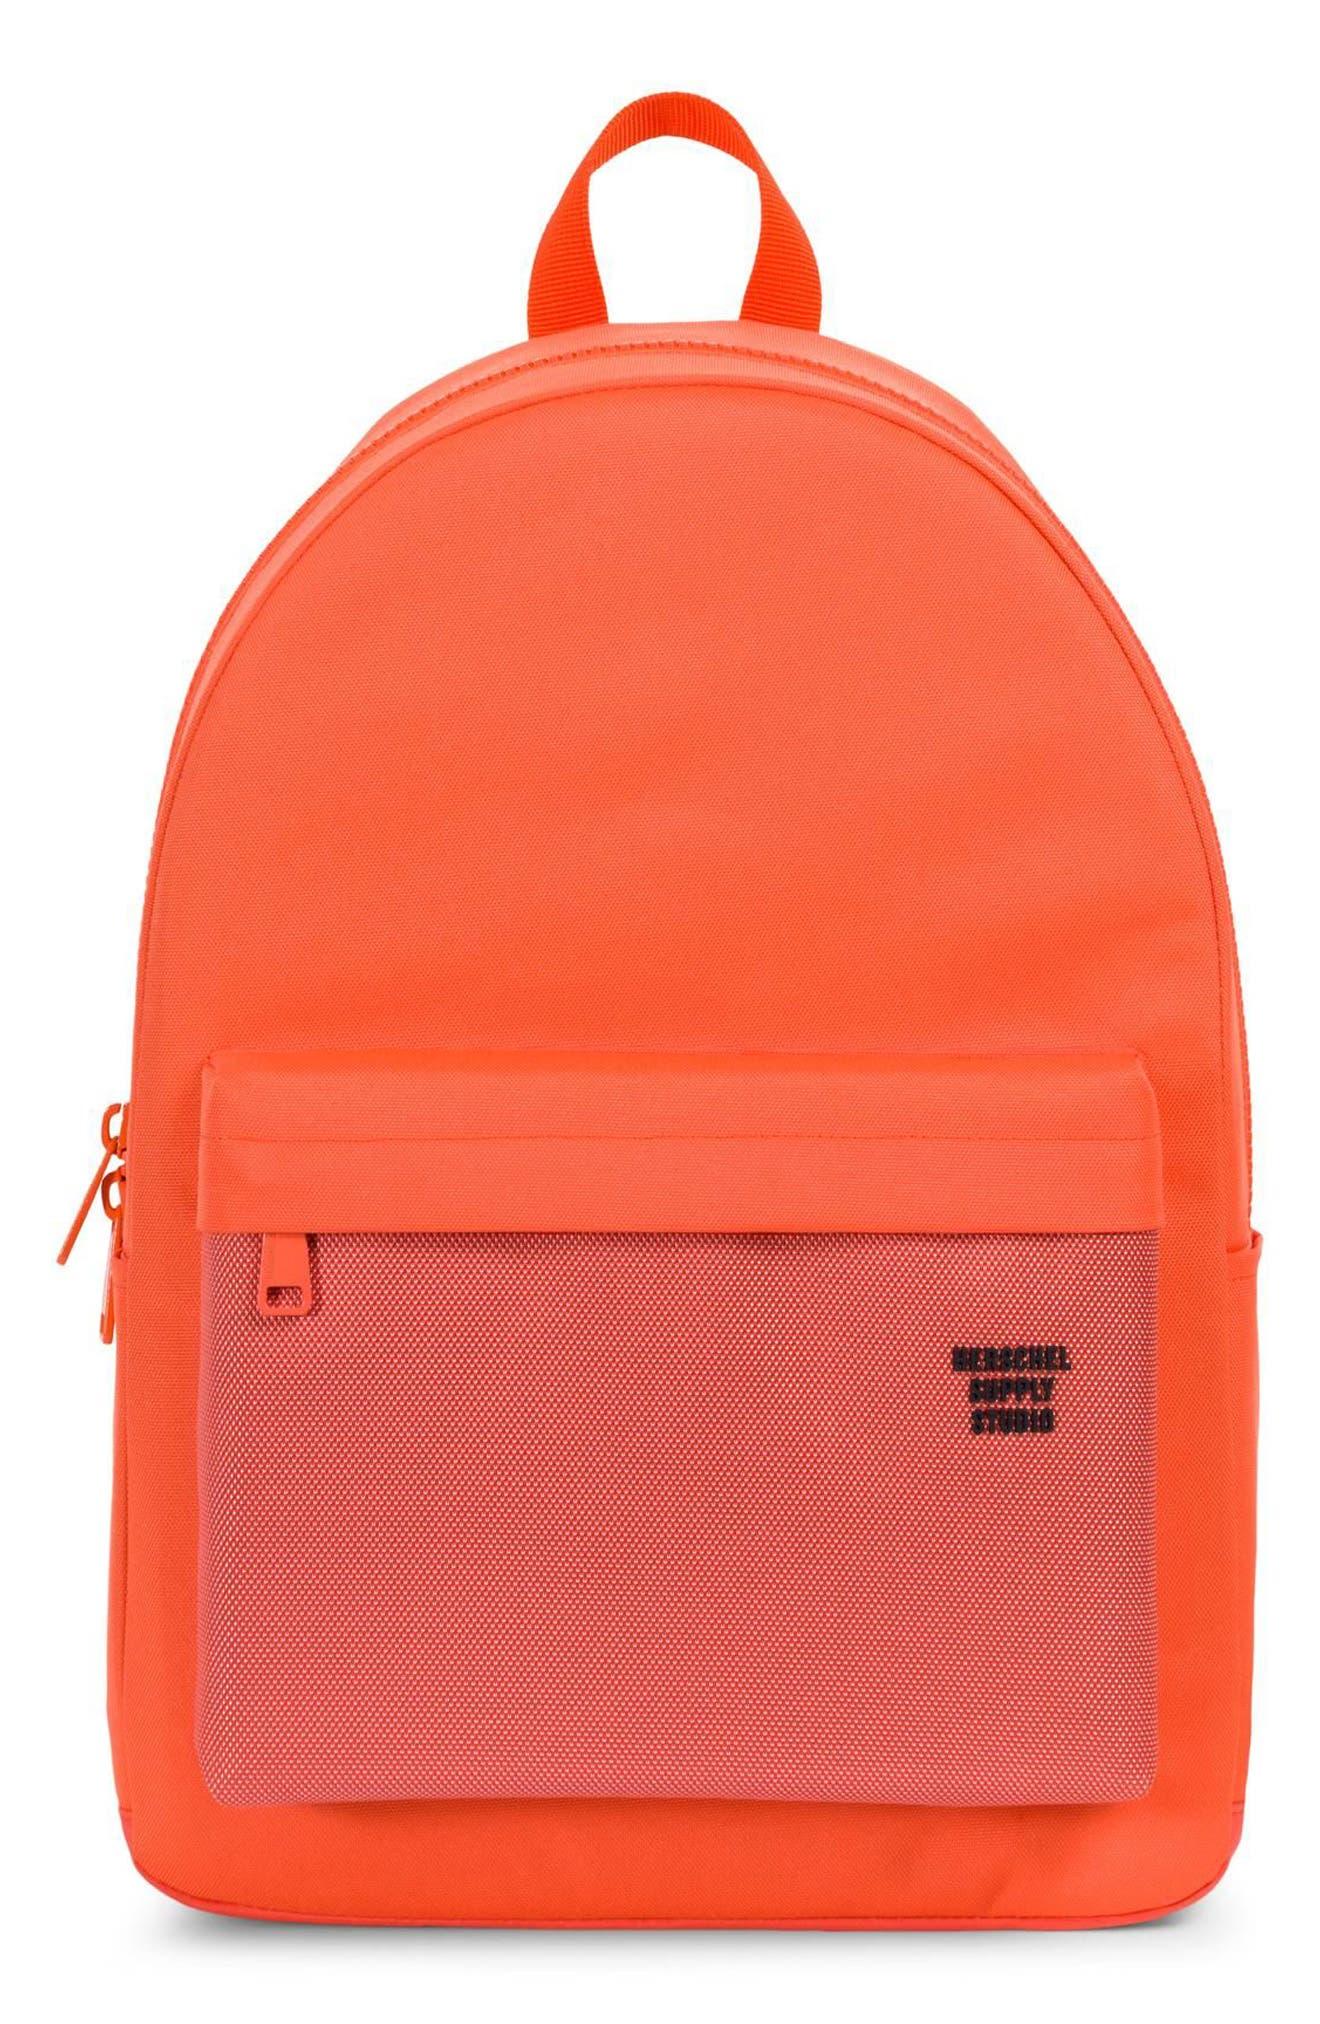 Herschel Supply Co. Studio Winlaw Xl Backpack - Orange